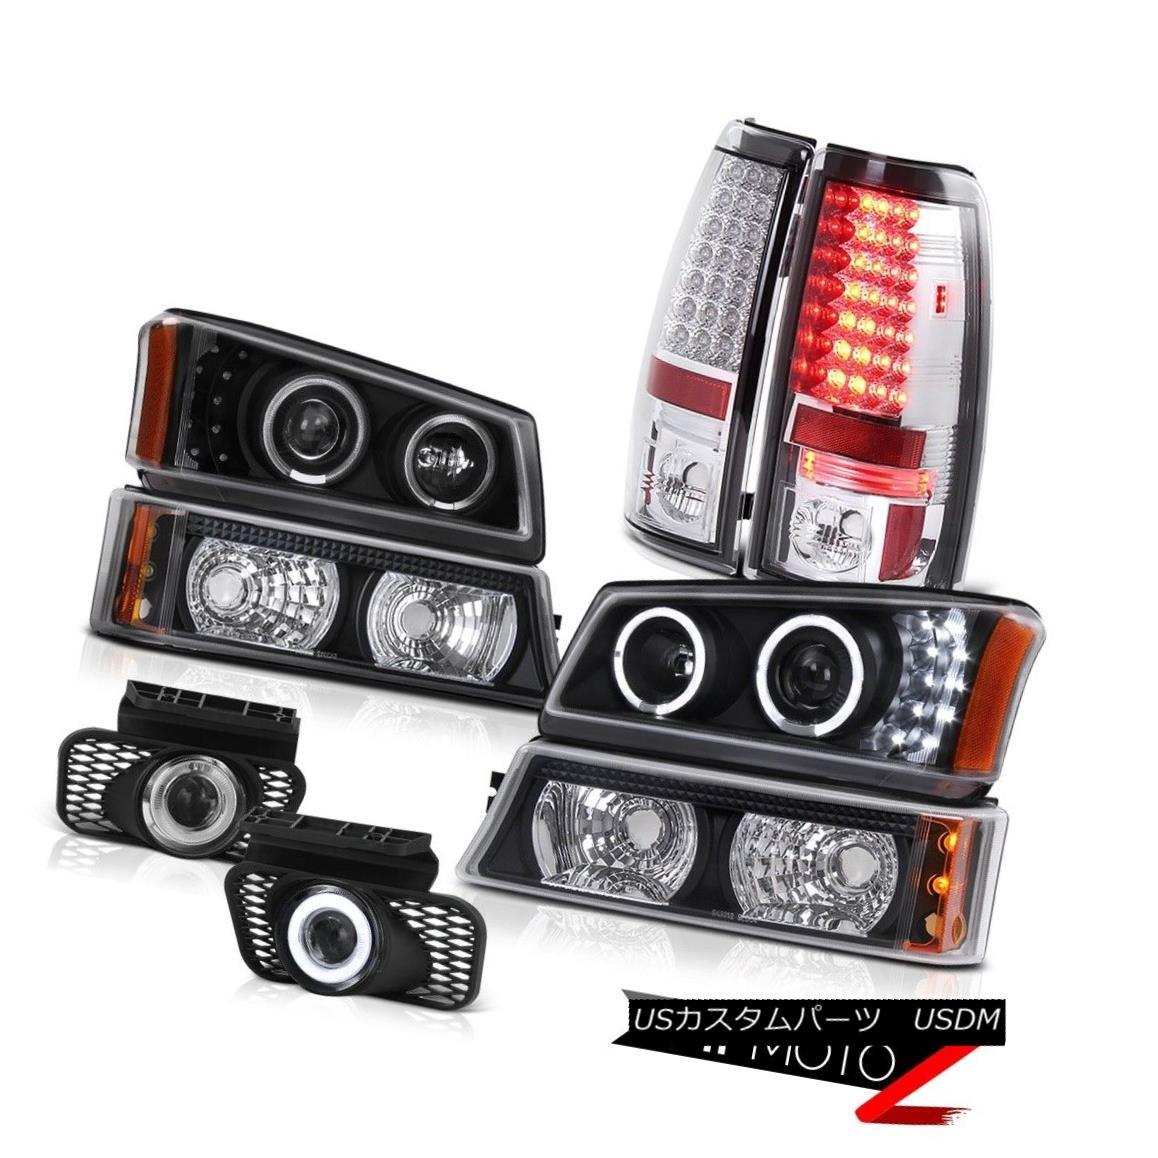 テールライト LED DRL Halo Headlight Black Parking LED Tail Light Foglight 2003-2006 Silverado LED DRLハローヘッドライトブラックパーキングLEDテールライトFoglight 2003-2006シルバラード